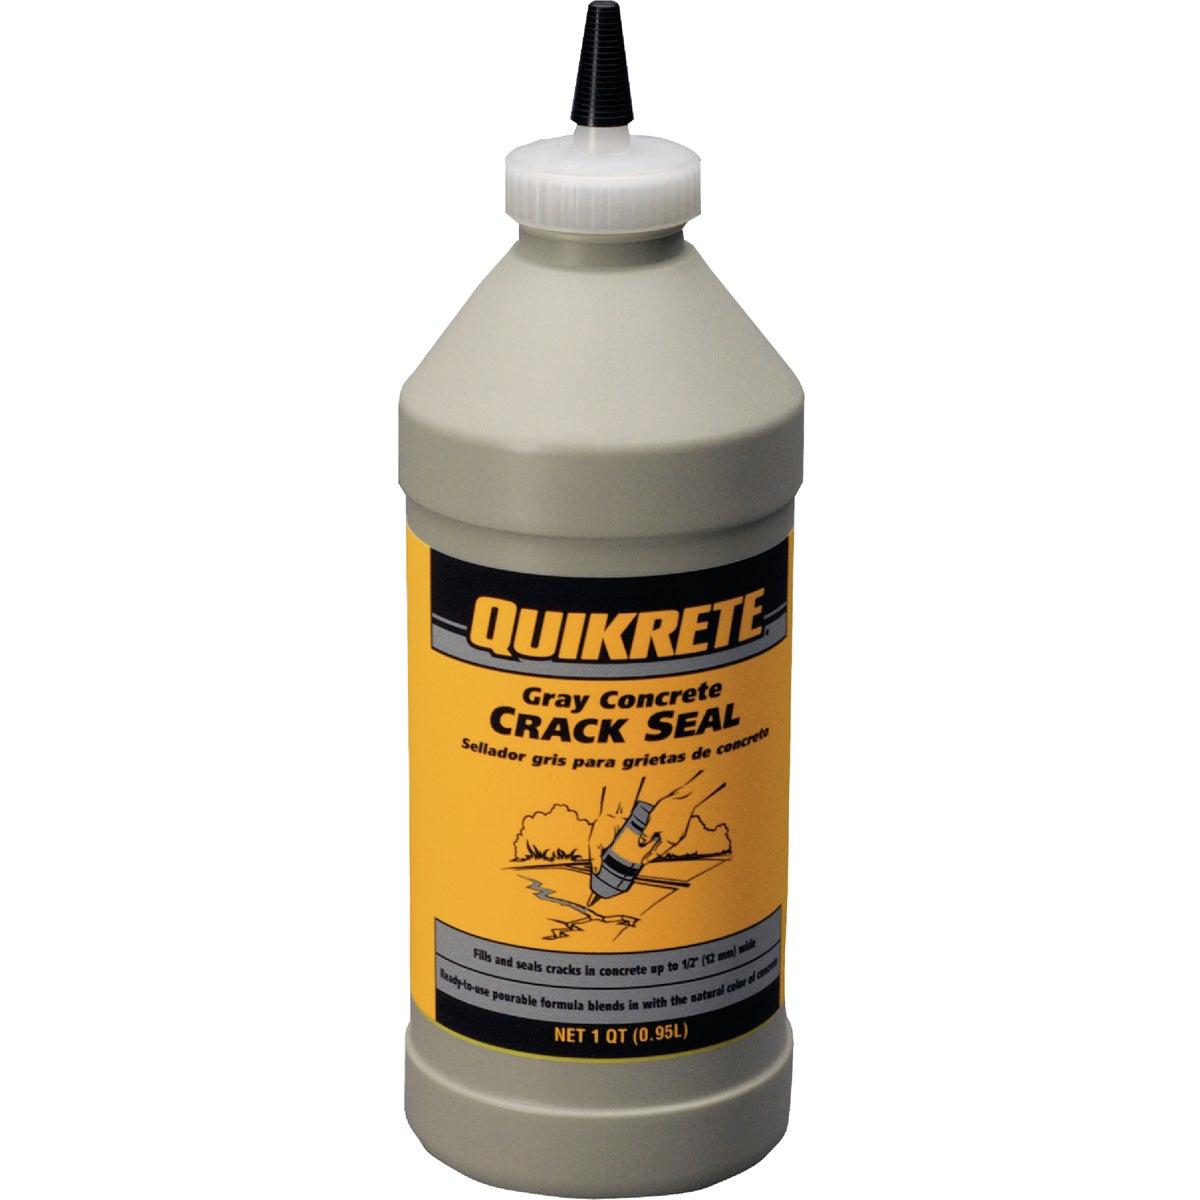 Quikrete QT CONCRETE CRACK SEAL 8640-00